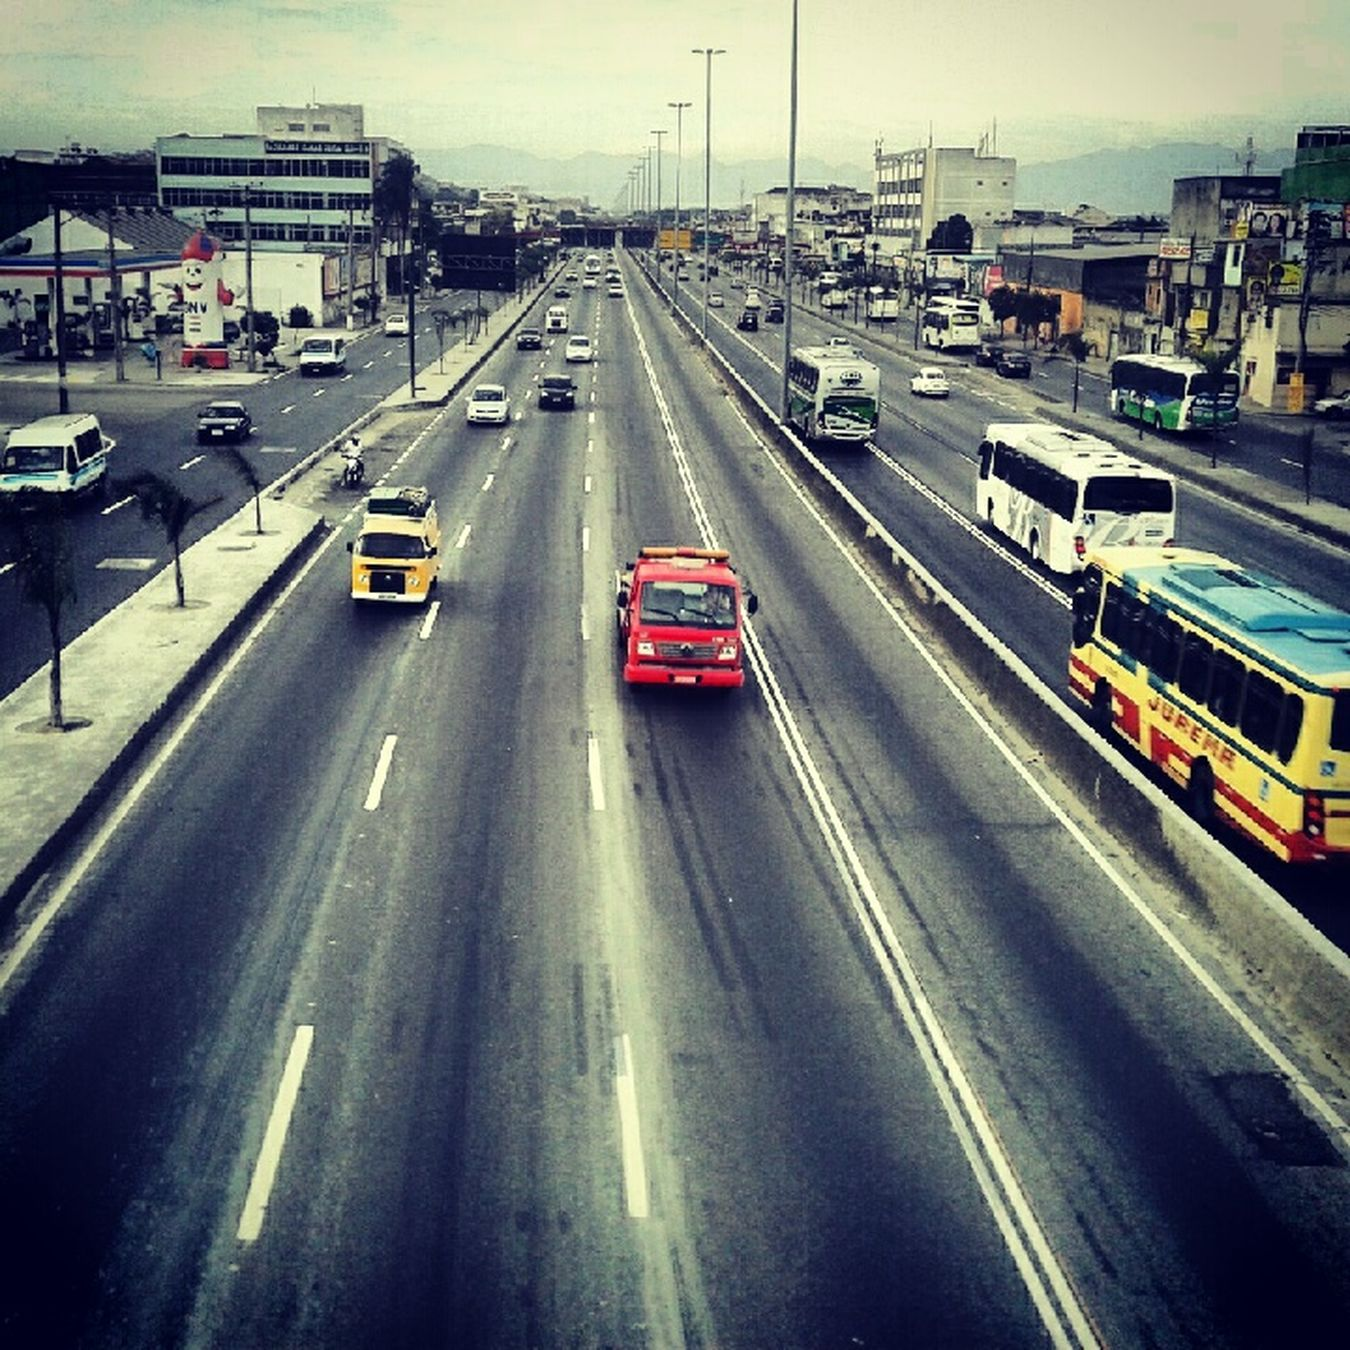 Streetphotography Street Photography Streetphoto_bw Avenida Brasil